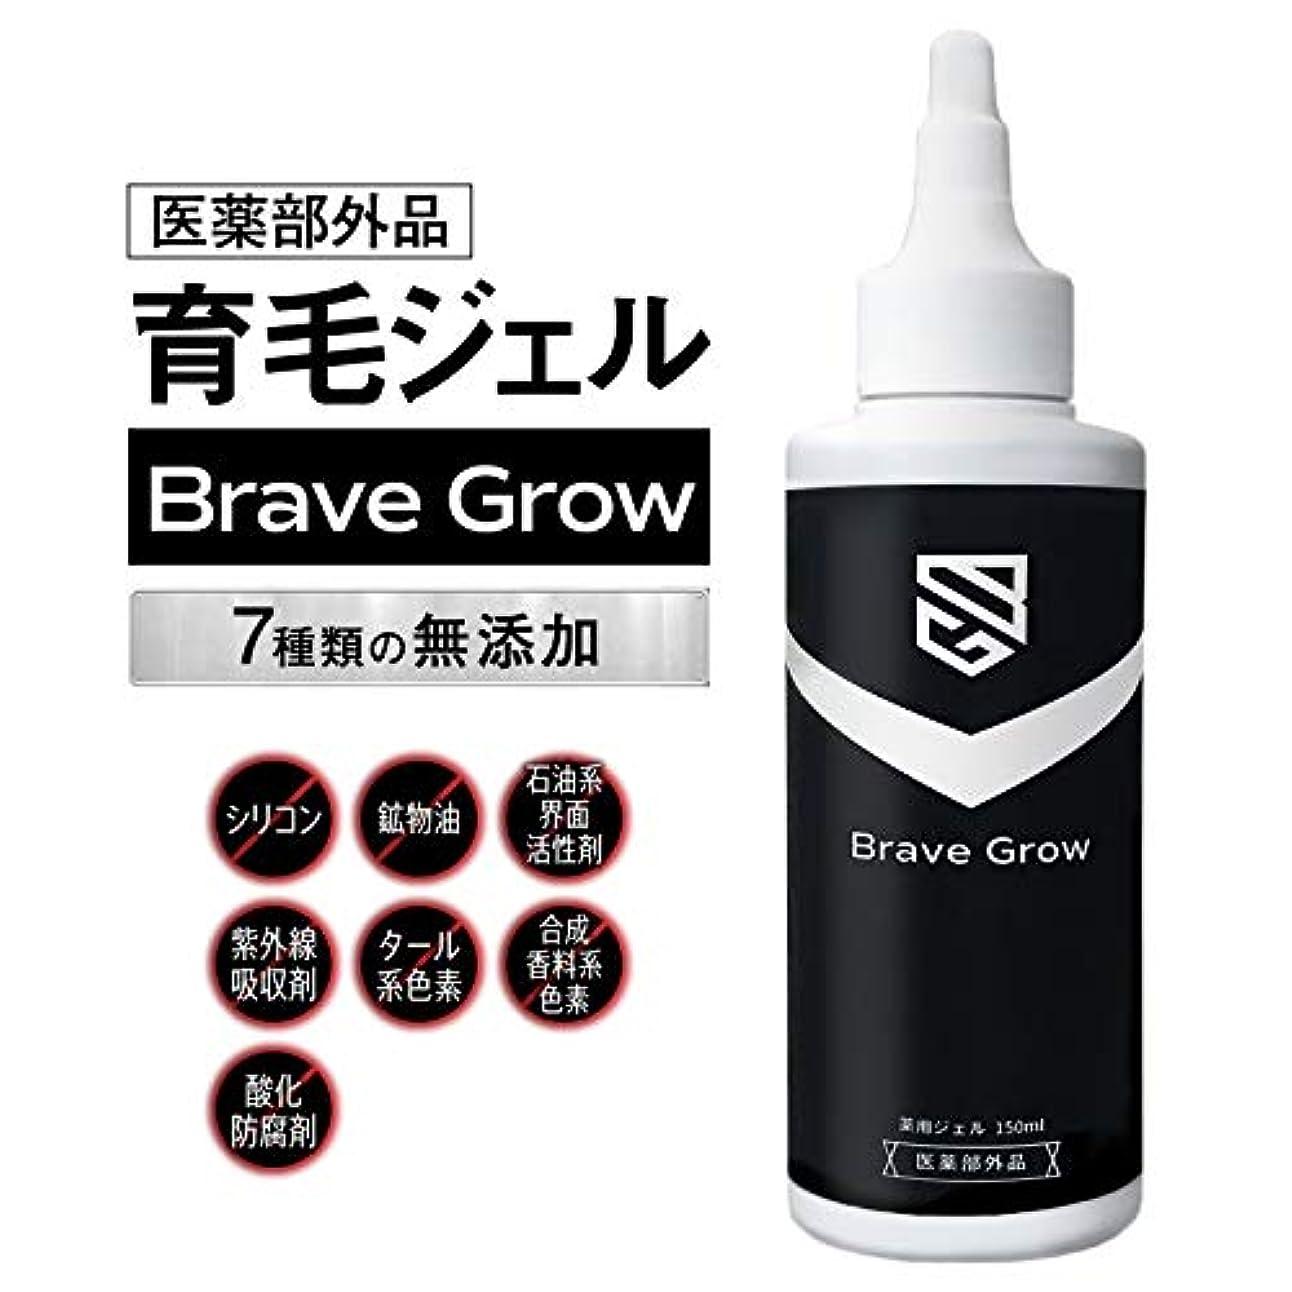 警察ポルノ姿勢育毛剤 BraveGrow ブレイブグロー 150ml 【医薬部外品】ジェルタイプ 男性